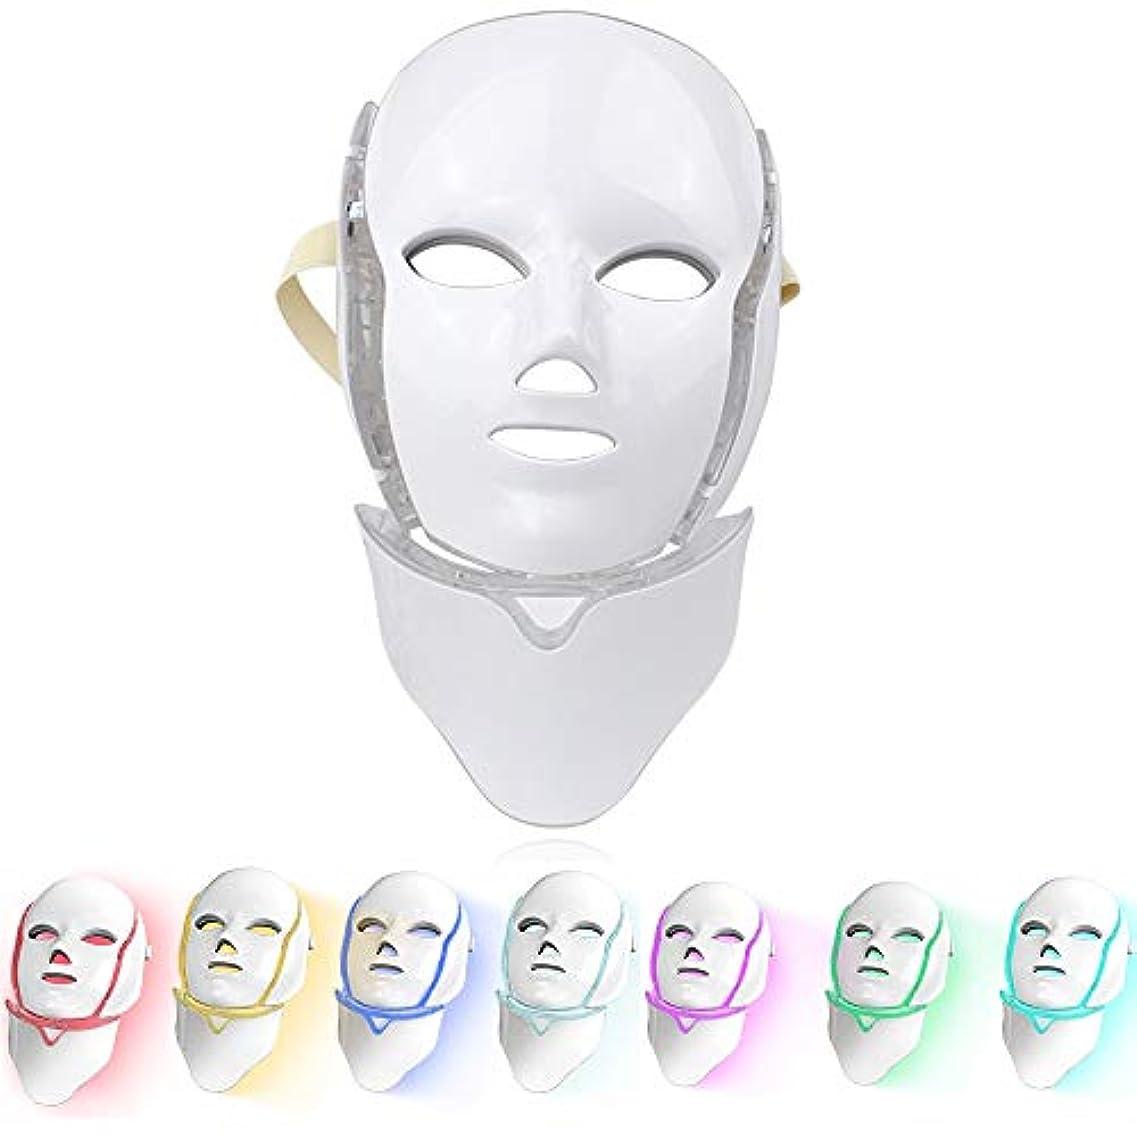 変わる夜間橋脚LED光線療法マスク(ネック付き)7色光線治療スキンケア美容光線療法アンチエイジングアクネリンクルマスク